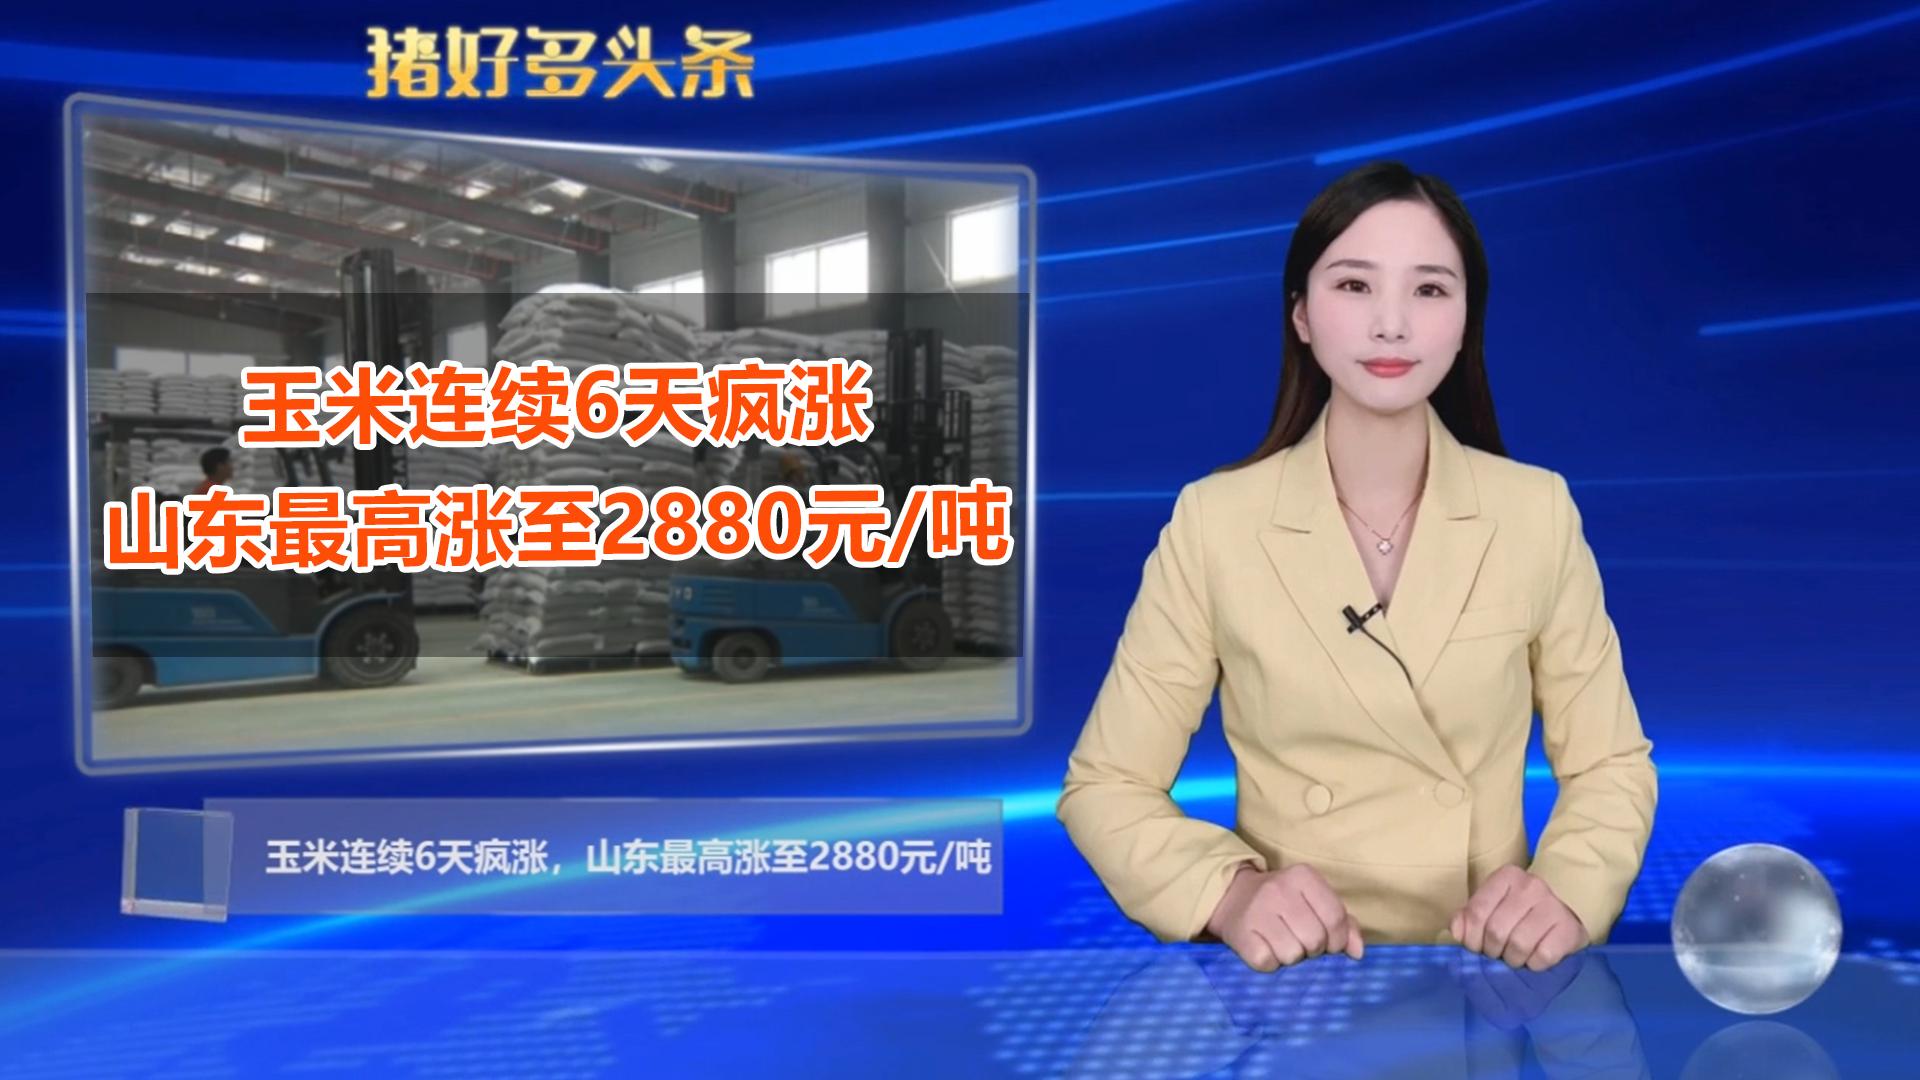 玉米连涨6天,山东最高涨至2880元/吨,农民:会持续到春节吗?